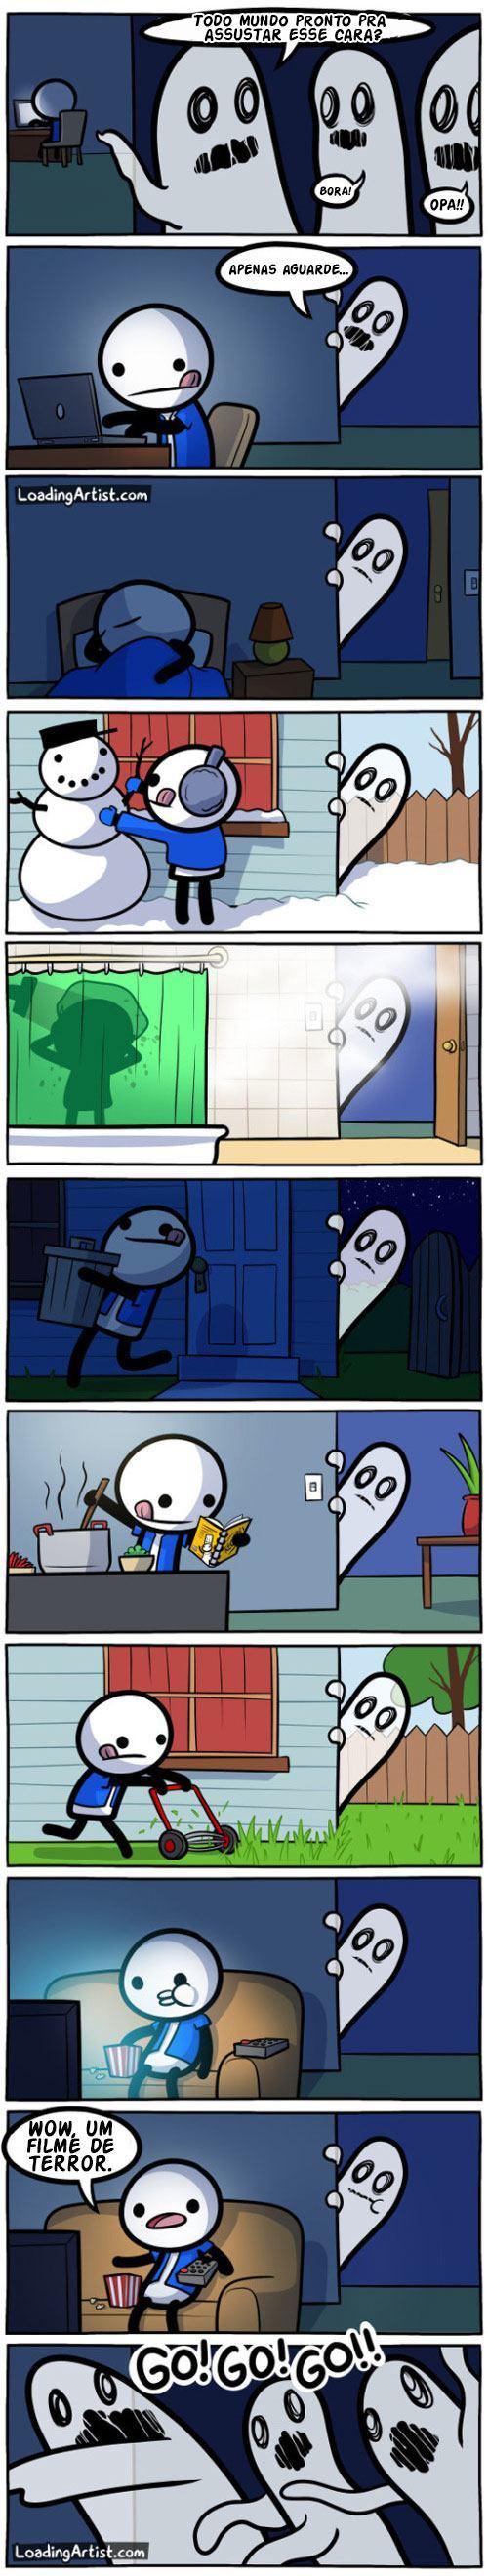 Fantasmas so assustam nos momentos mais propicios